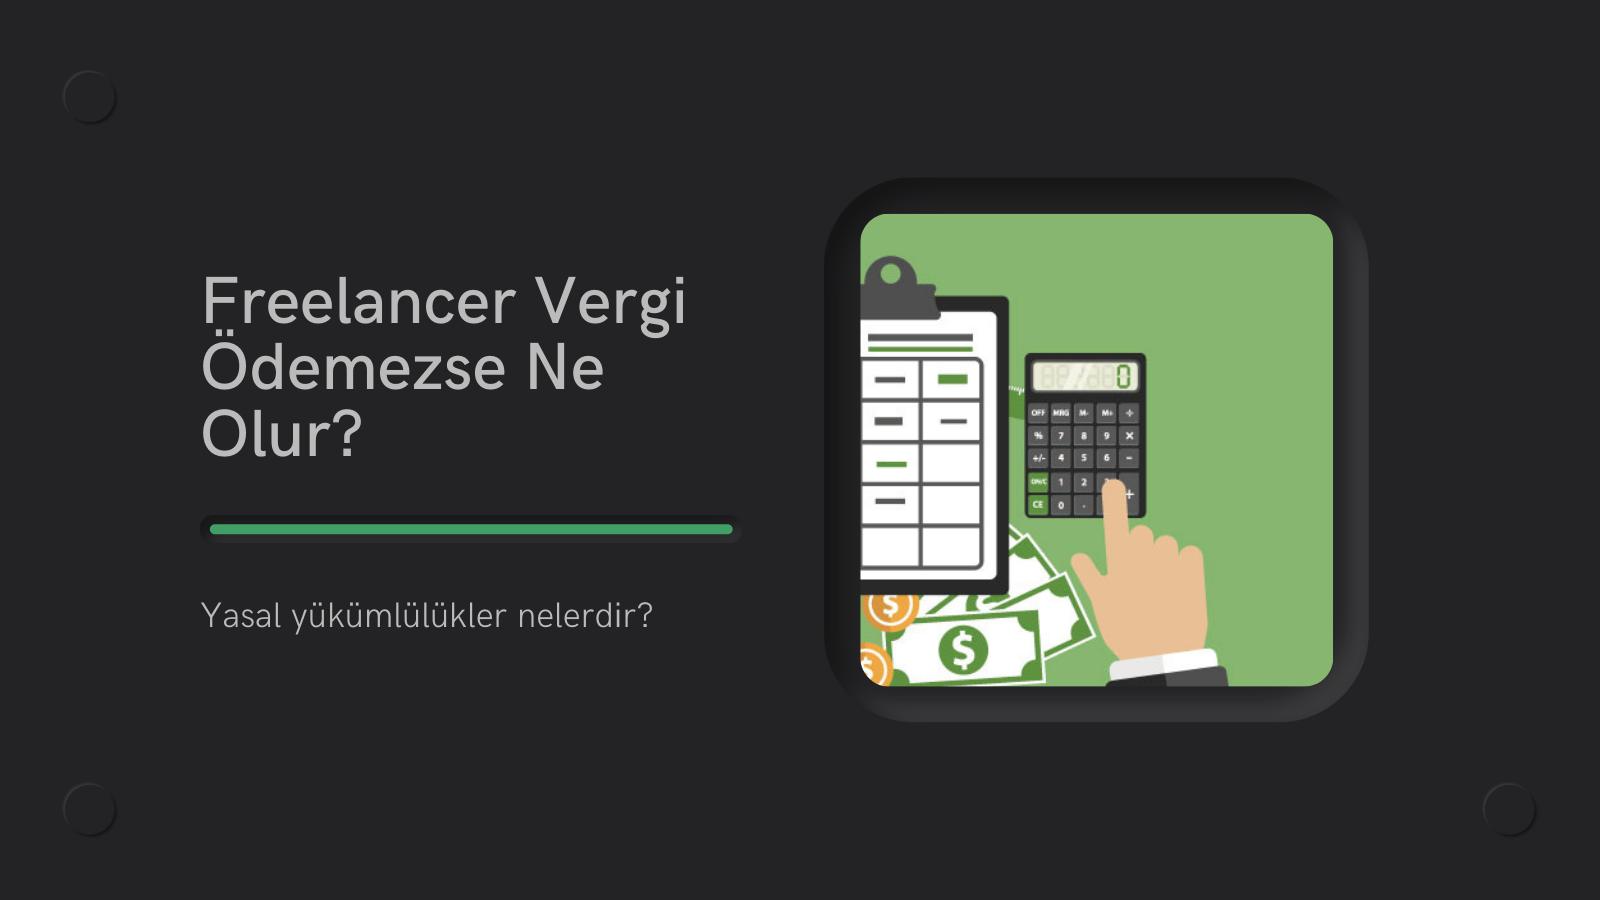 Freelancer olmak, vergisiz kazanç elde etmek anlamına gelmez